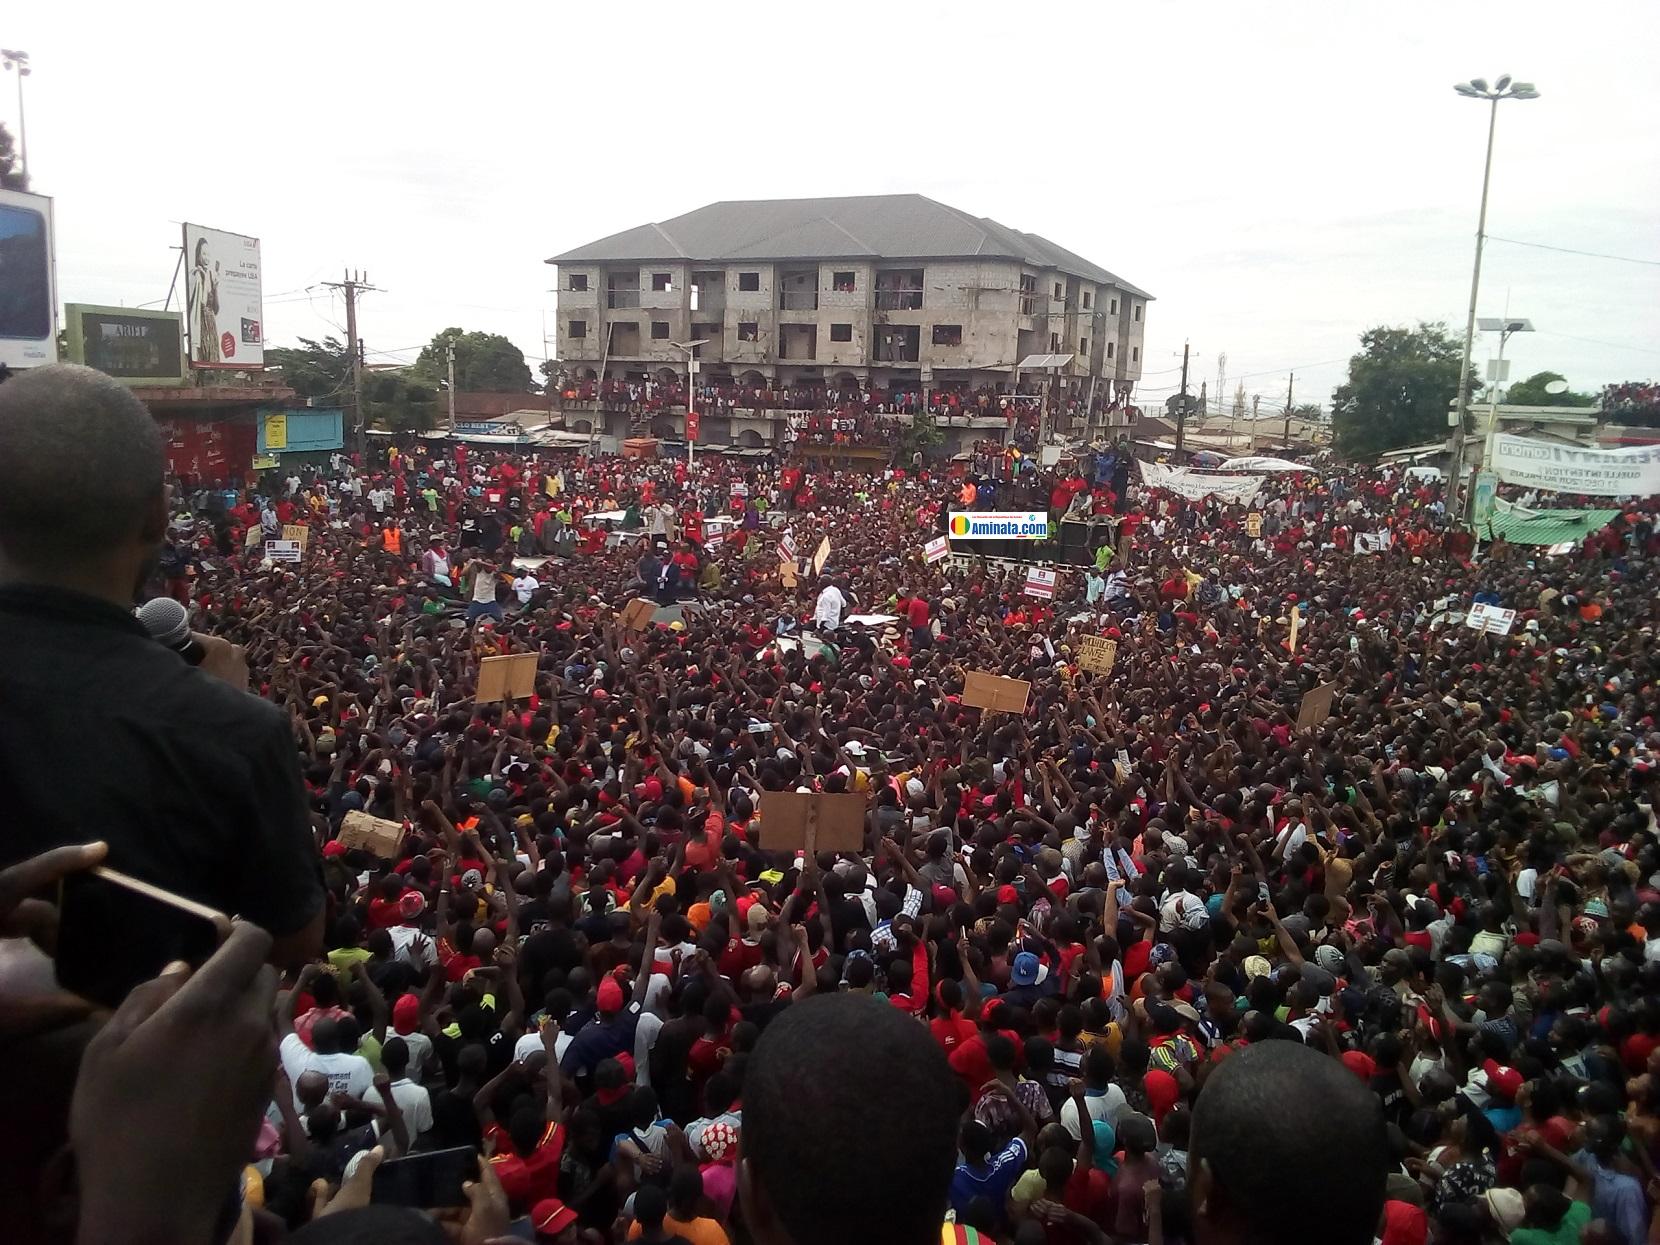 Une marée humaine lors de la manifestation du Front national pour la défense de la constitution (FNDC)